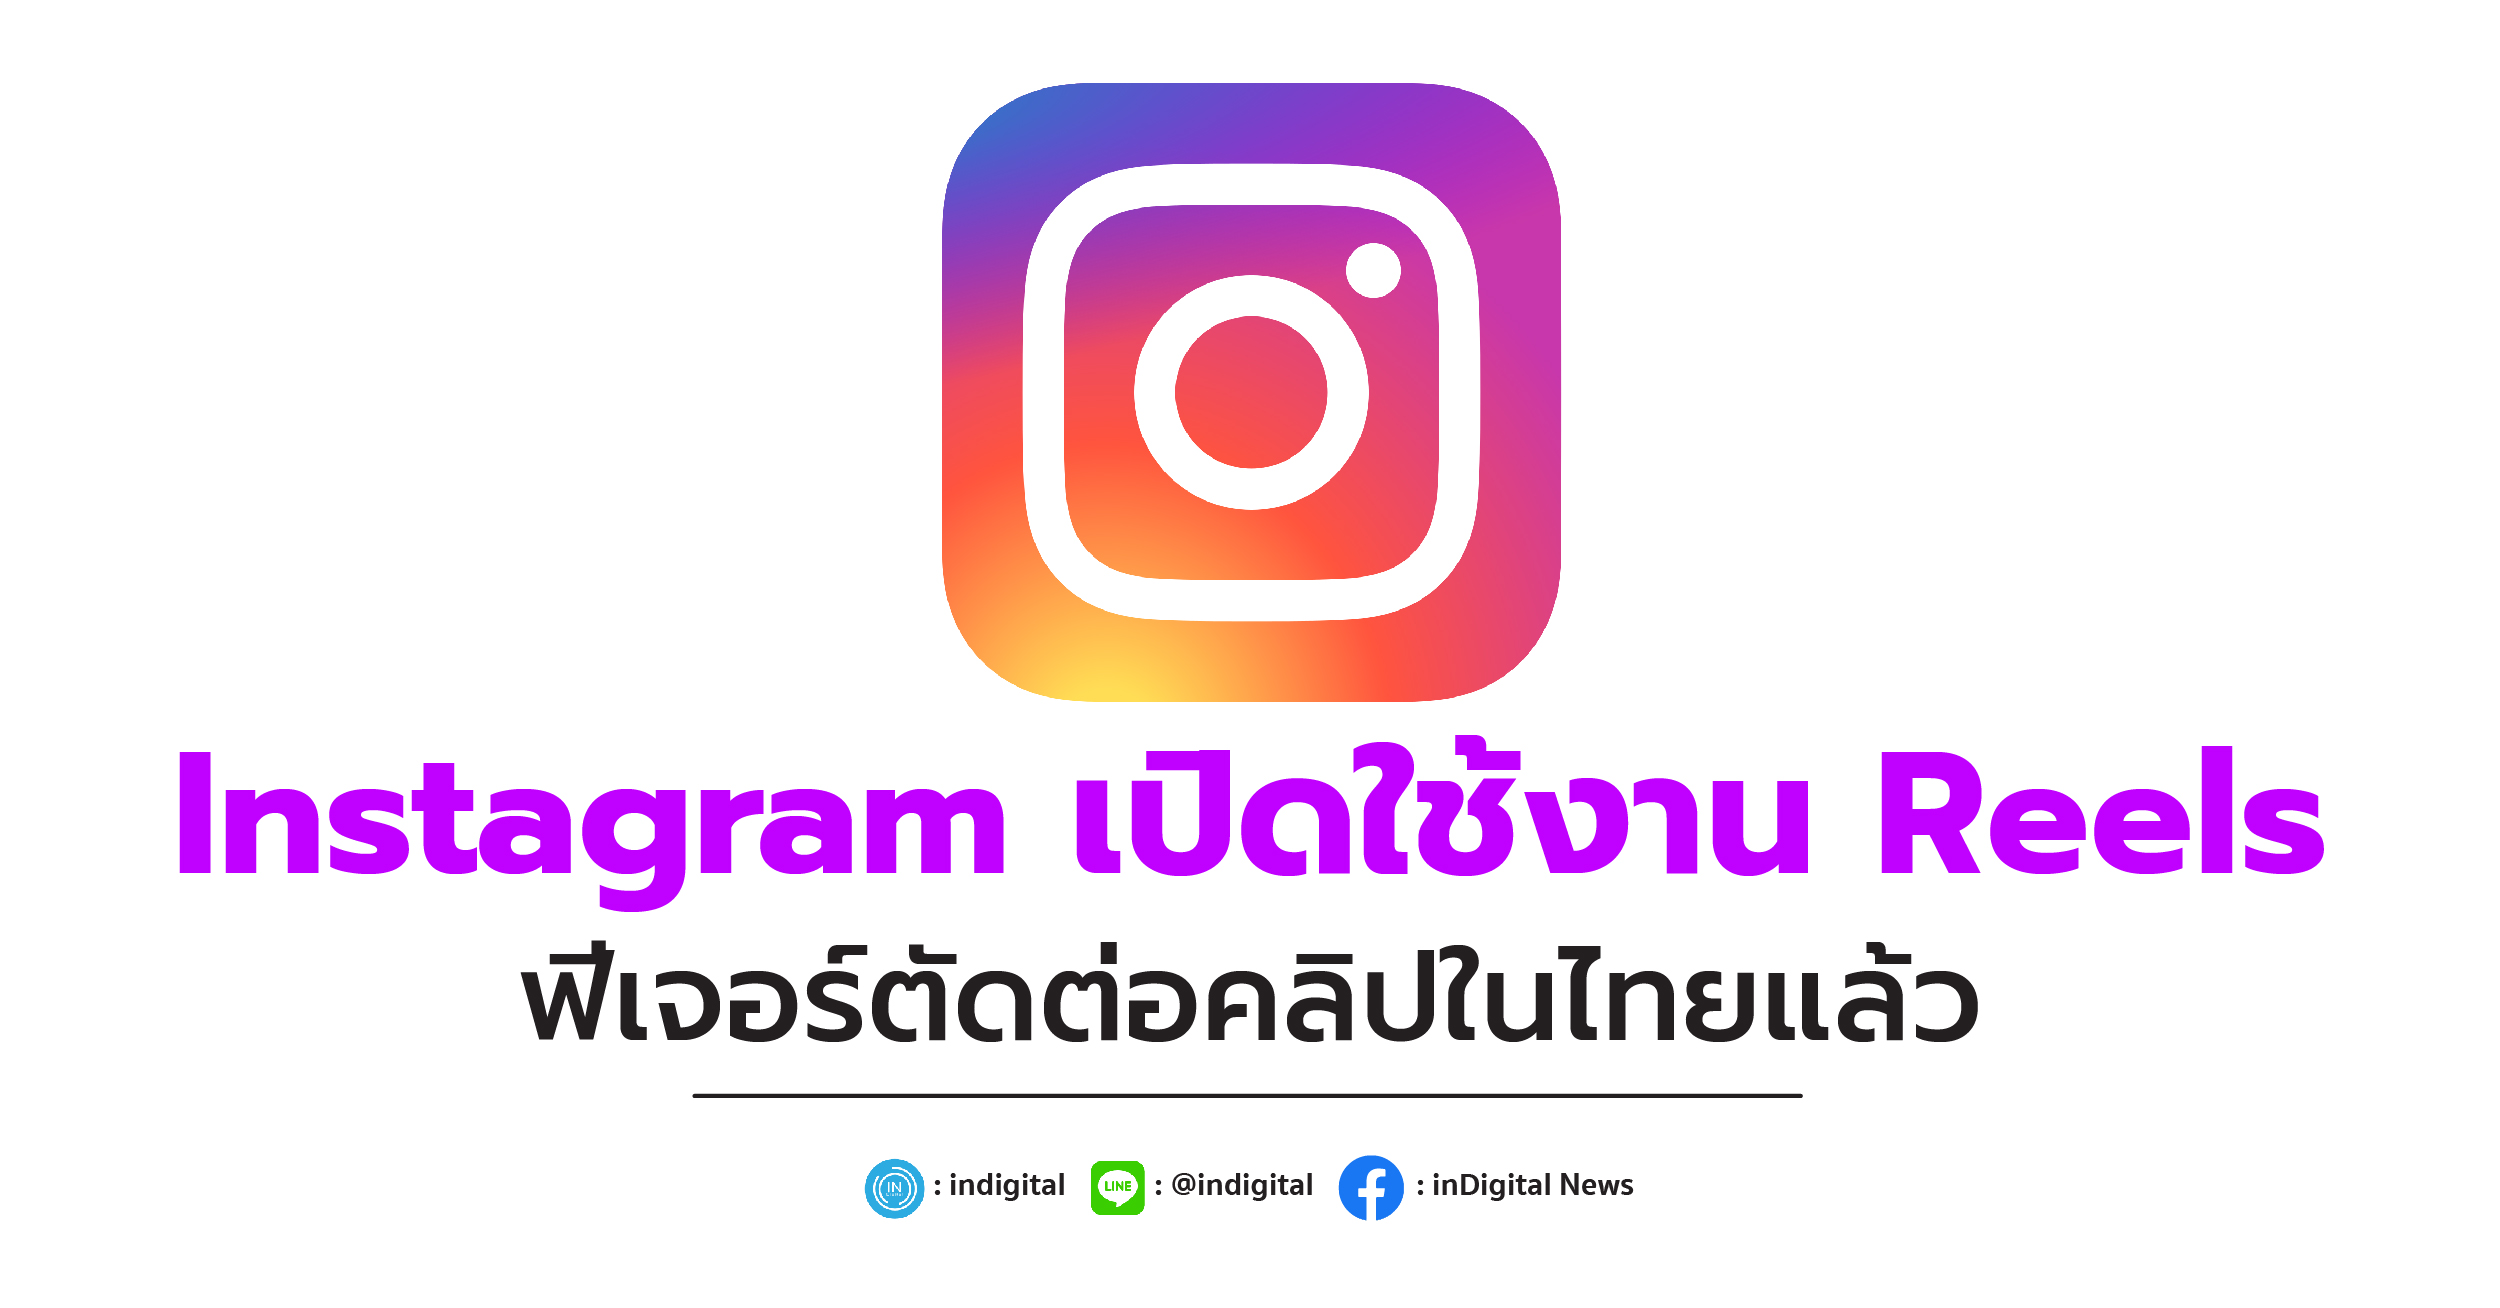 Instagram เปิดใช้งาน Reels ฟีเจอร์ตัดต่อคลิปในไทยแล้ว